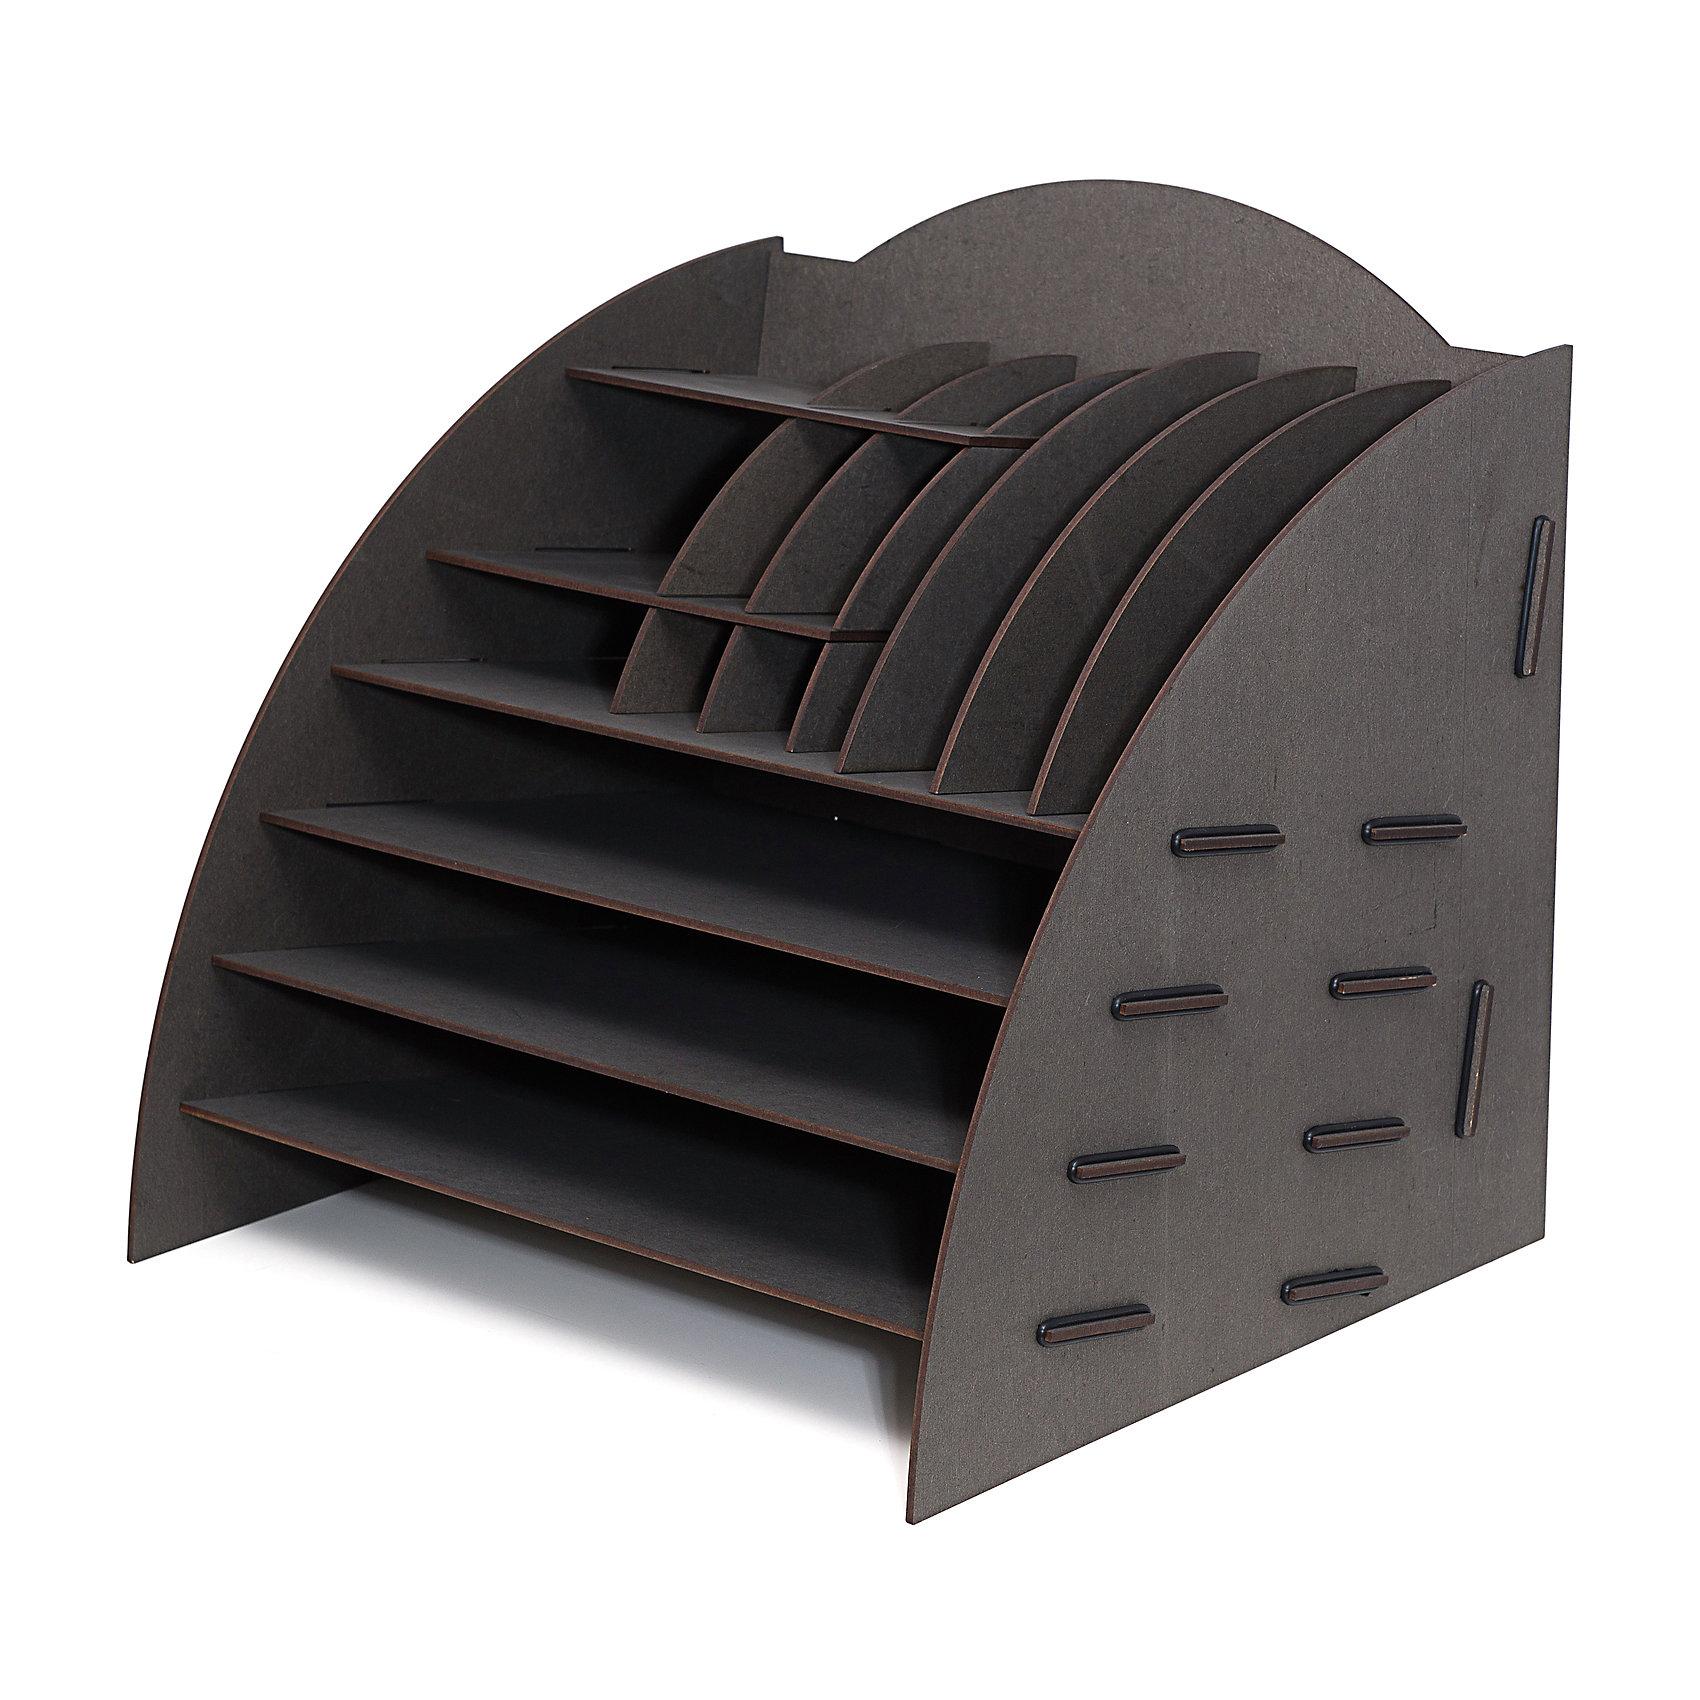 Органайзер на стол 16 отделов чёрный, HomsuПредметы интерьера<br>Этот настольный органайзер просто незаменим на рабочем столе, он вместителен, его размеры впечатляют- 34Х32Х33см и в то же время он не занимает много места. Оригинальный дизайн дополнит интерьер дома и разбавит цвет в скучном сером офисе. Он изготовлен из МДФ и легко собирается из съемных частей. Имеет 3 больших отделения для хранения документов и множество ячеек для хранения канцелярских предметов и всяких мелочей.<br><br>Ширина мм: 340<br>Глубина мм: 340<br>Высота мм: 60<br>Вес г: 2000<br>Возраст от месяцев: 216<br>Возраст до месяцев: 1188<br>Пол: Унисекс<br>Возраст: Детский<br>SKU: 5620267